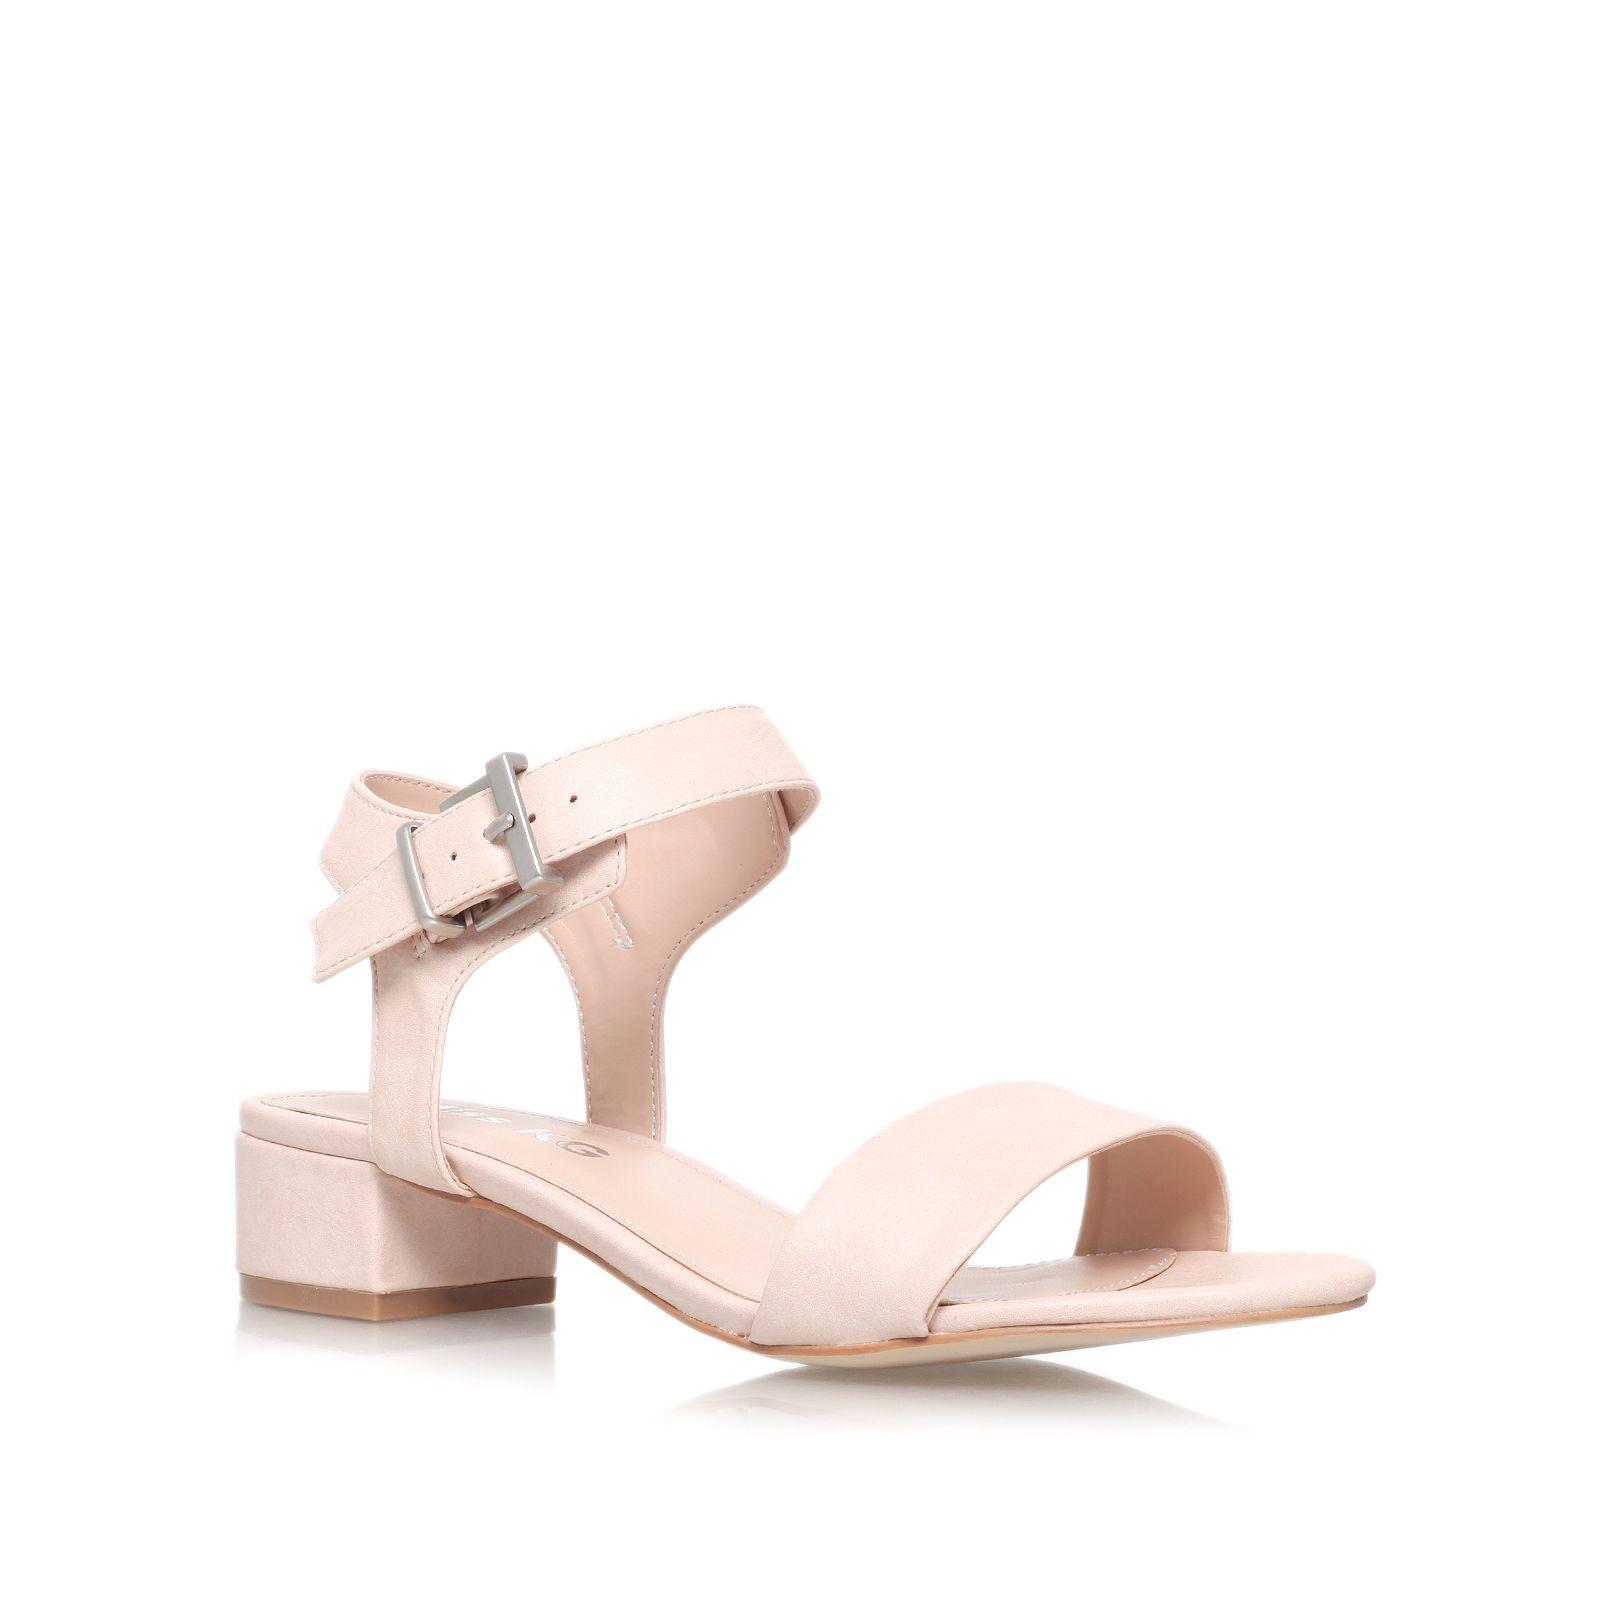 Nude Low Heel Sandals